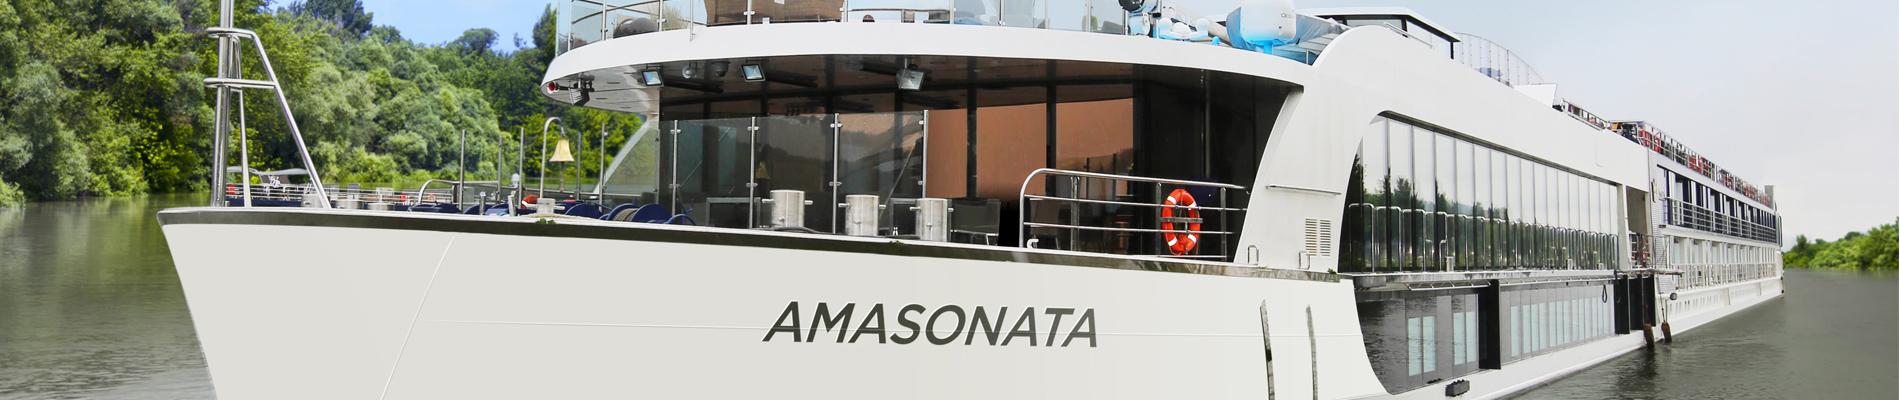 AmaSonata